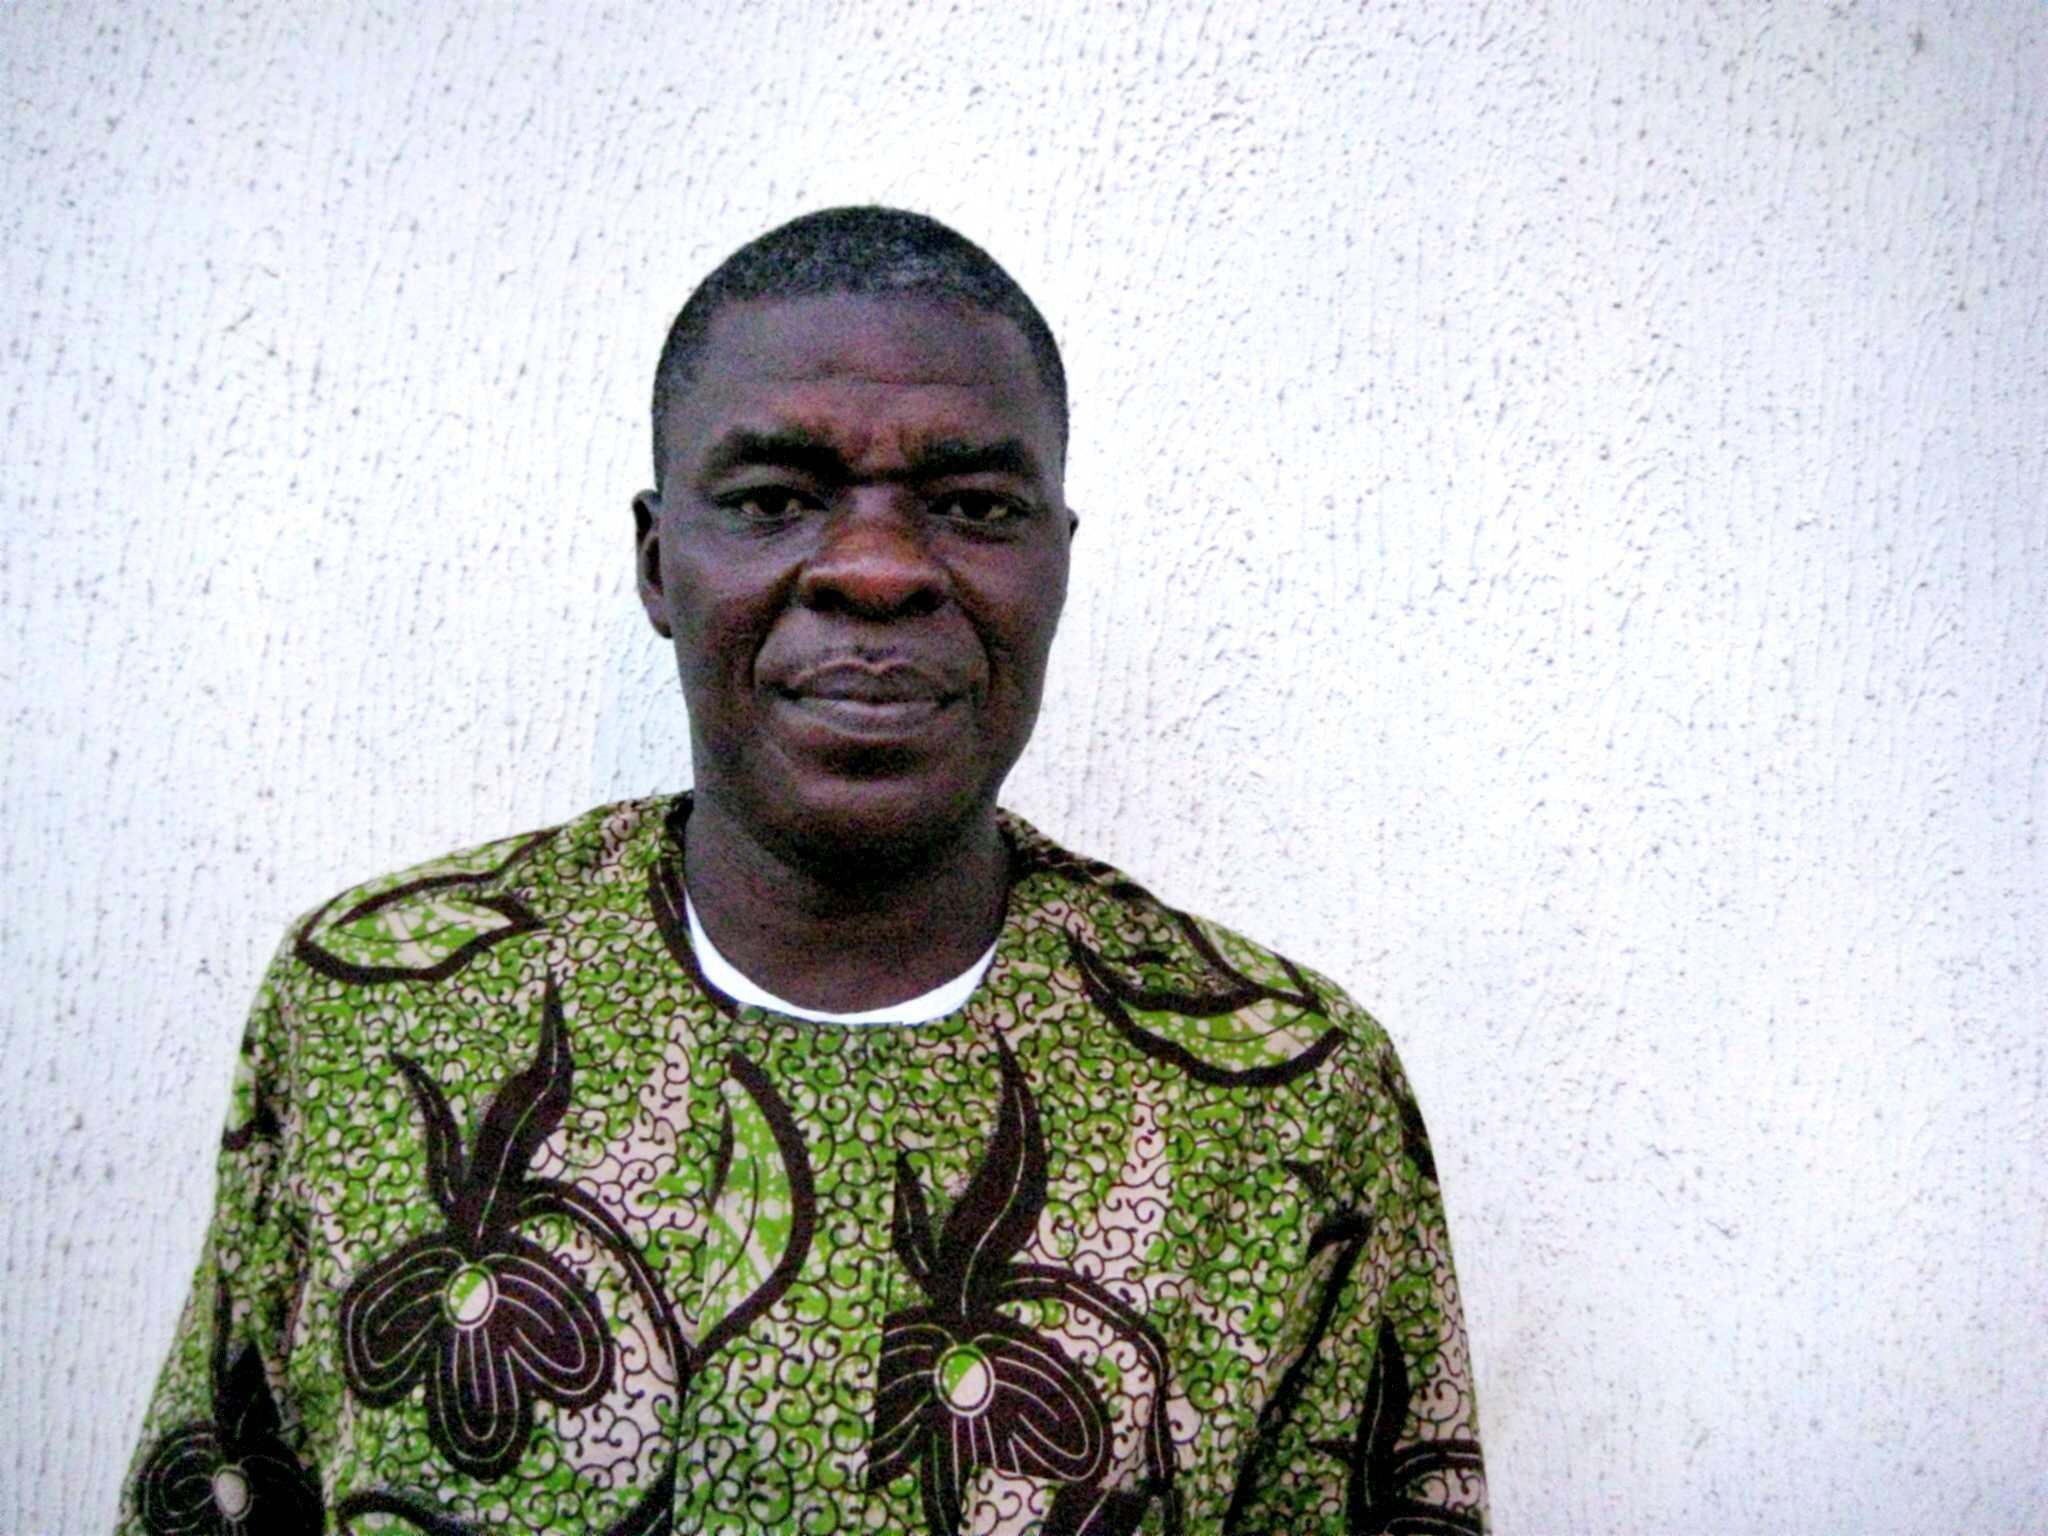 Sam Mbah fotografiat per Tracey Morgan